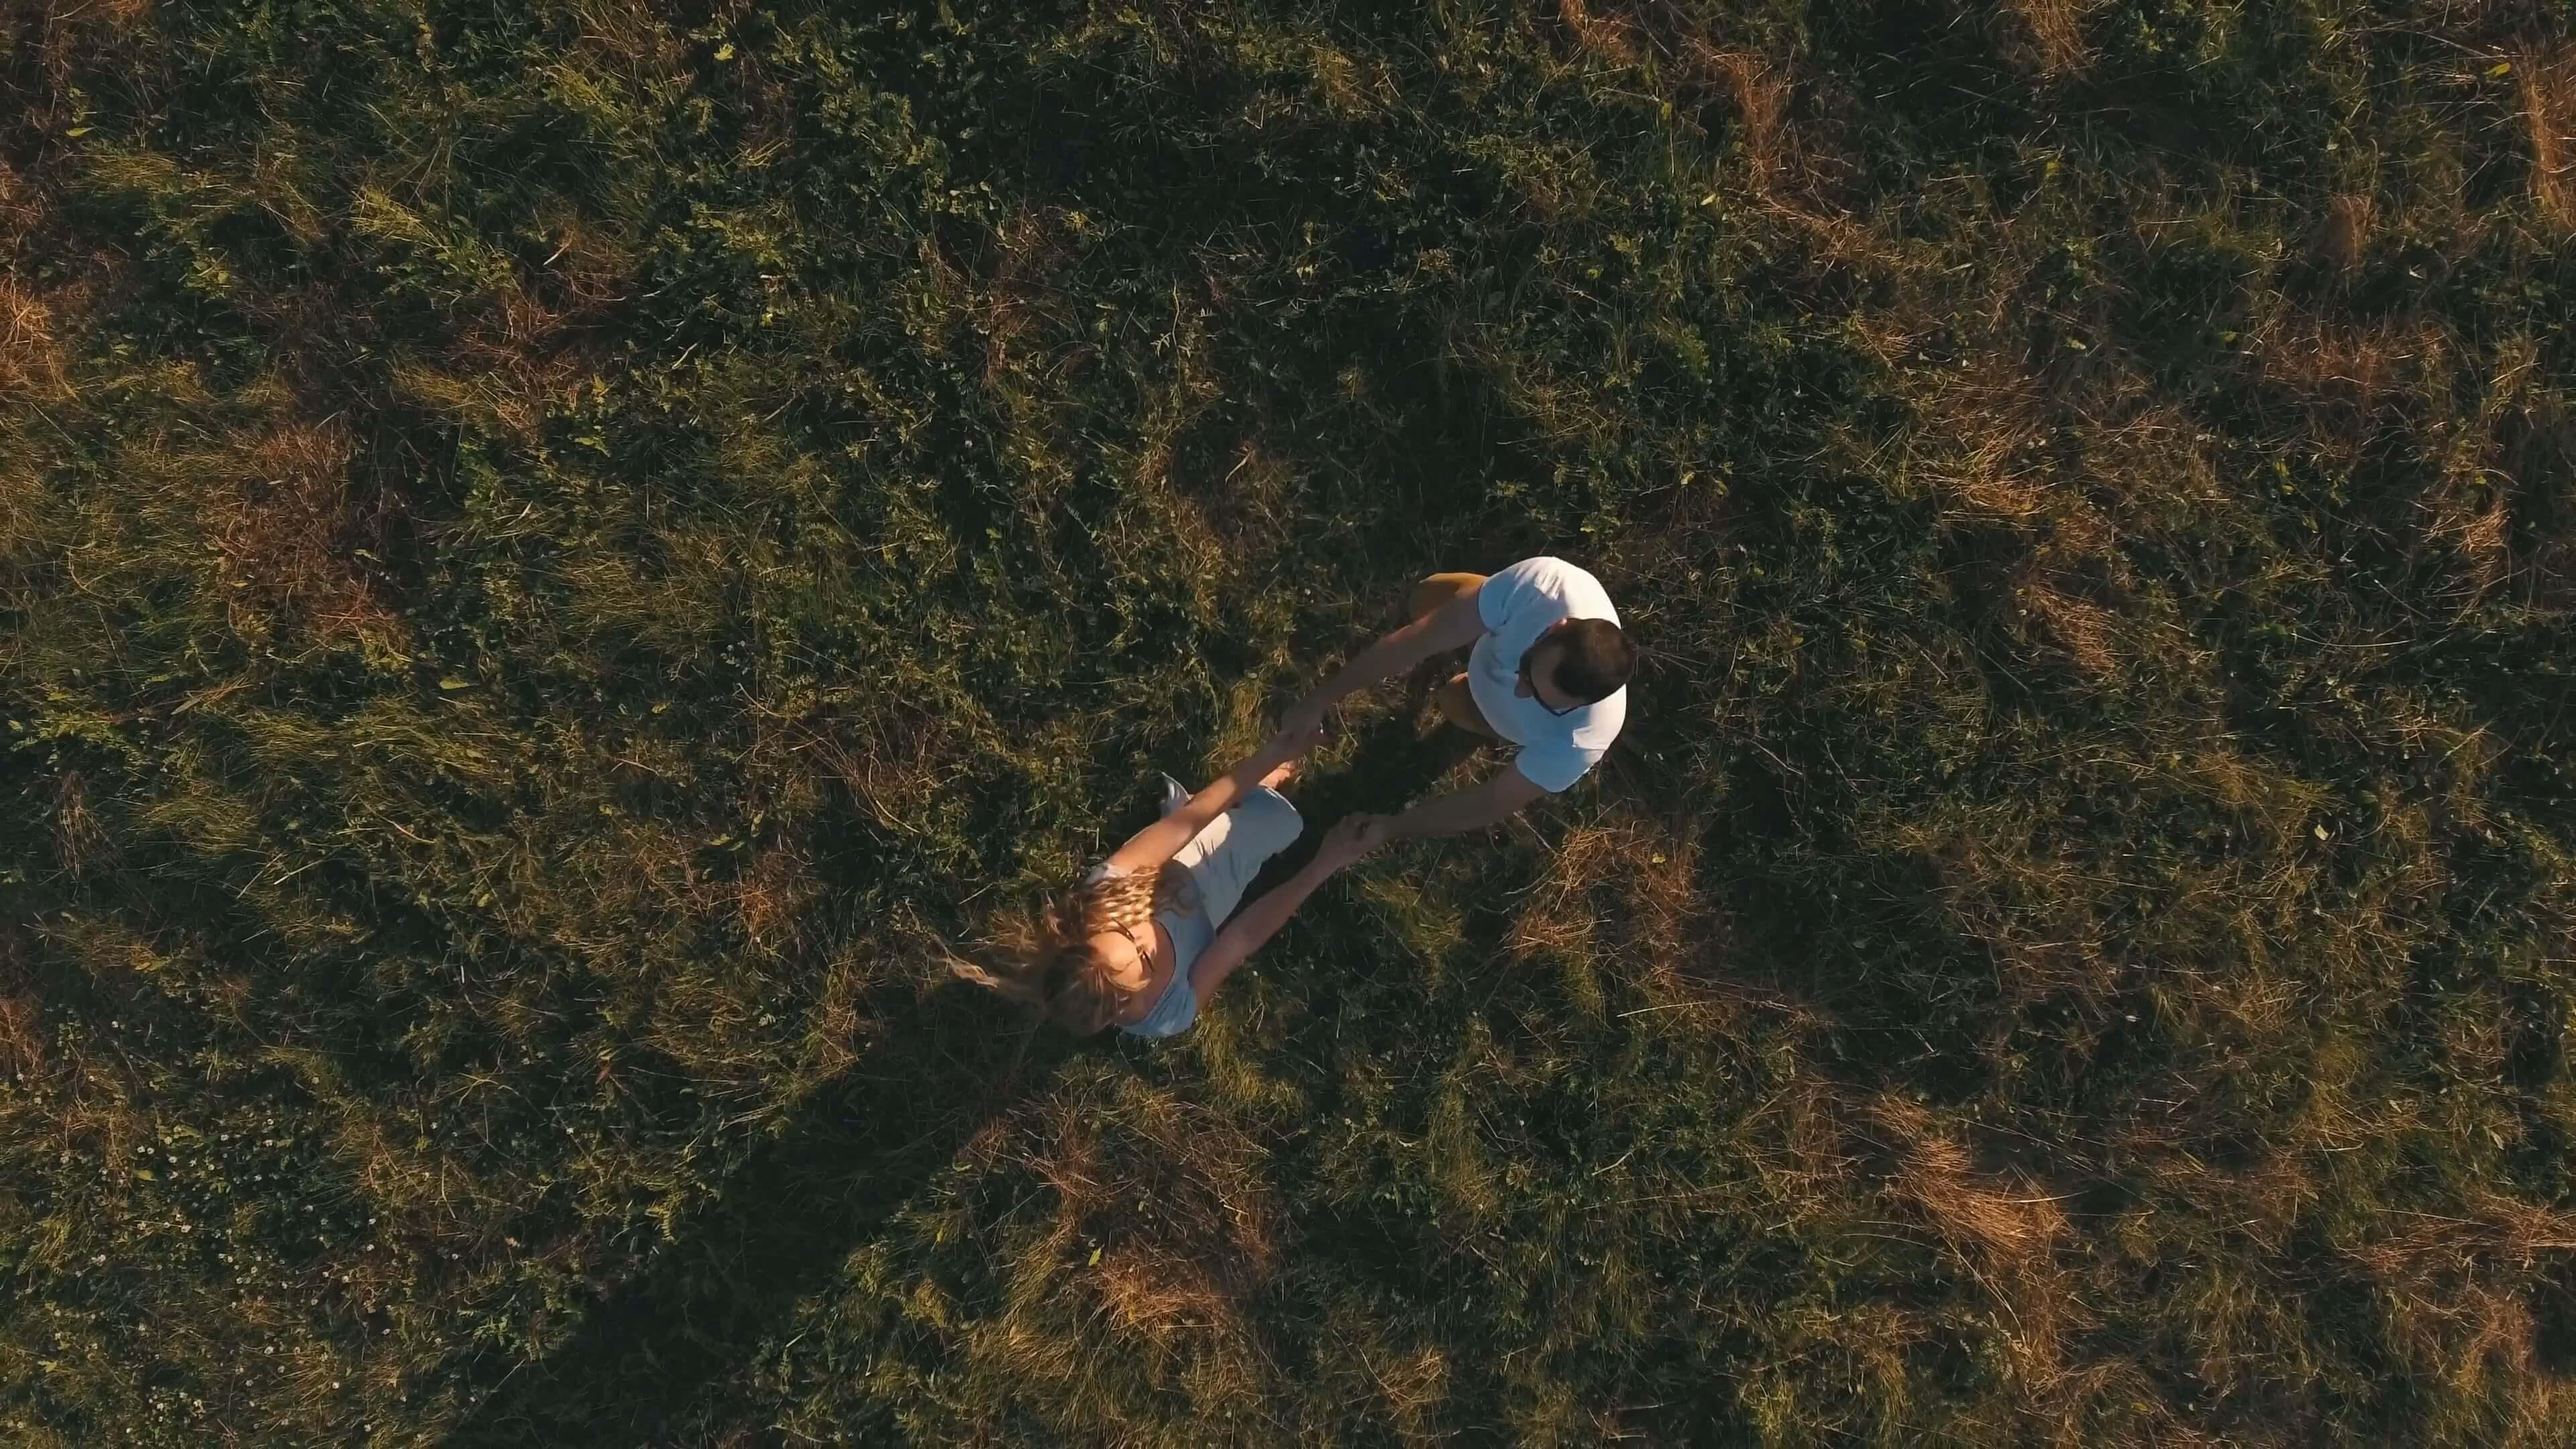 drone18 3840x2160 - Havadan Drone Fotoğraf ve Video Çekimi